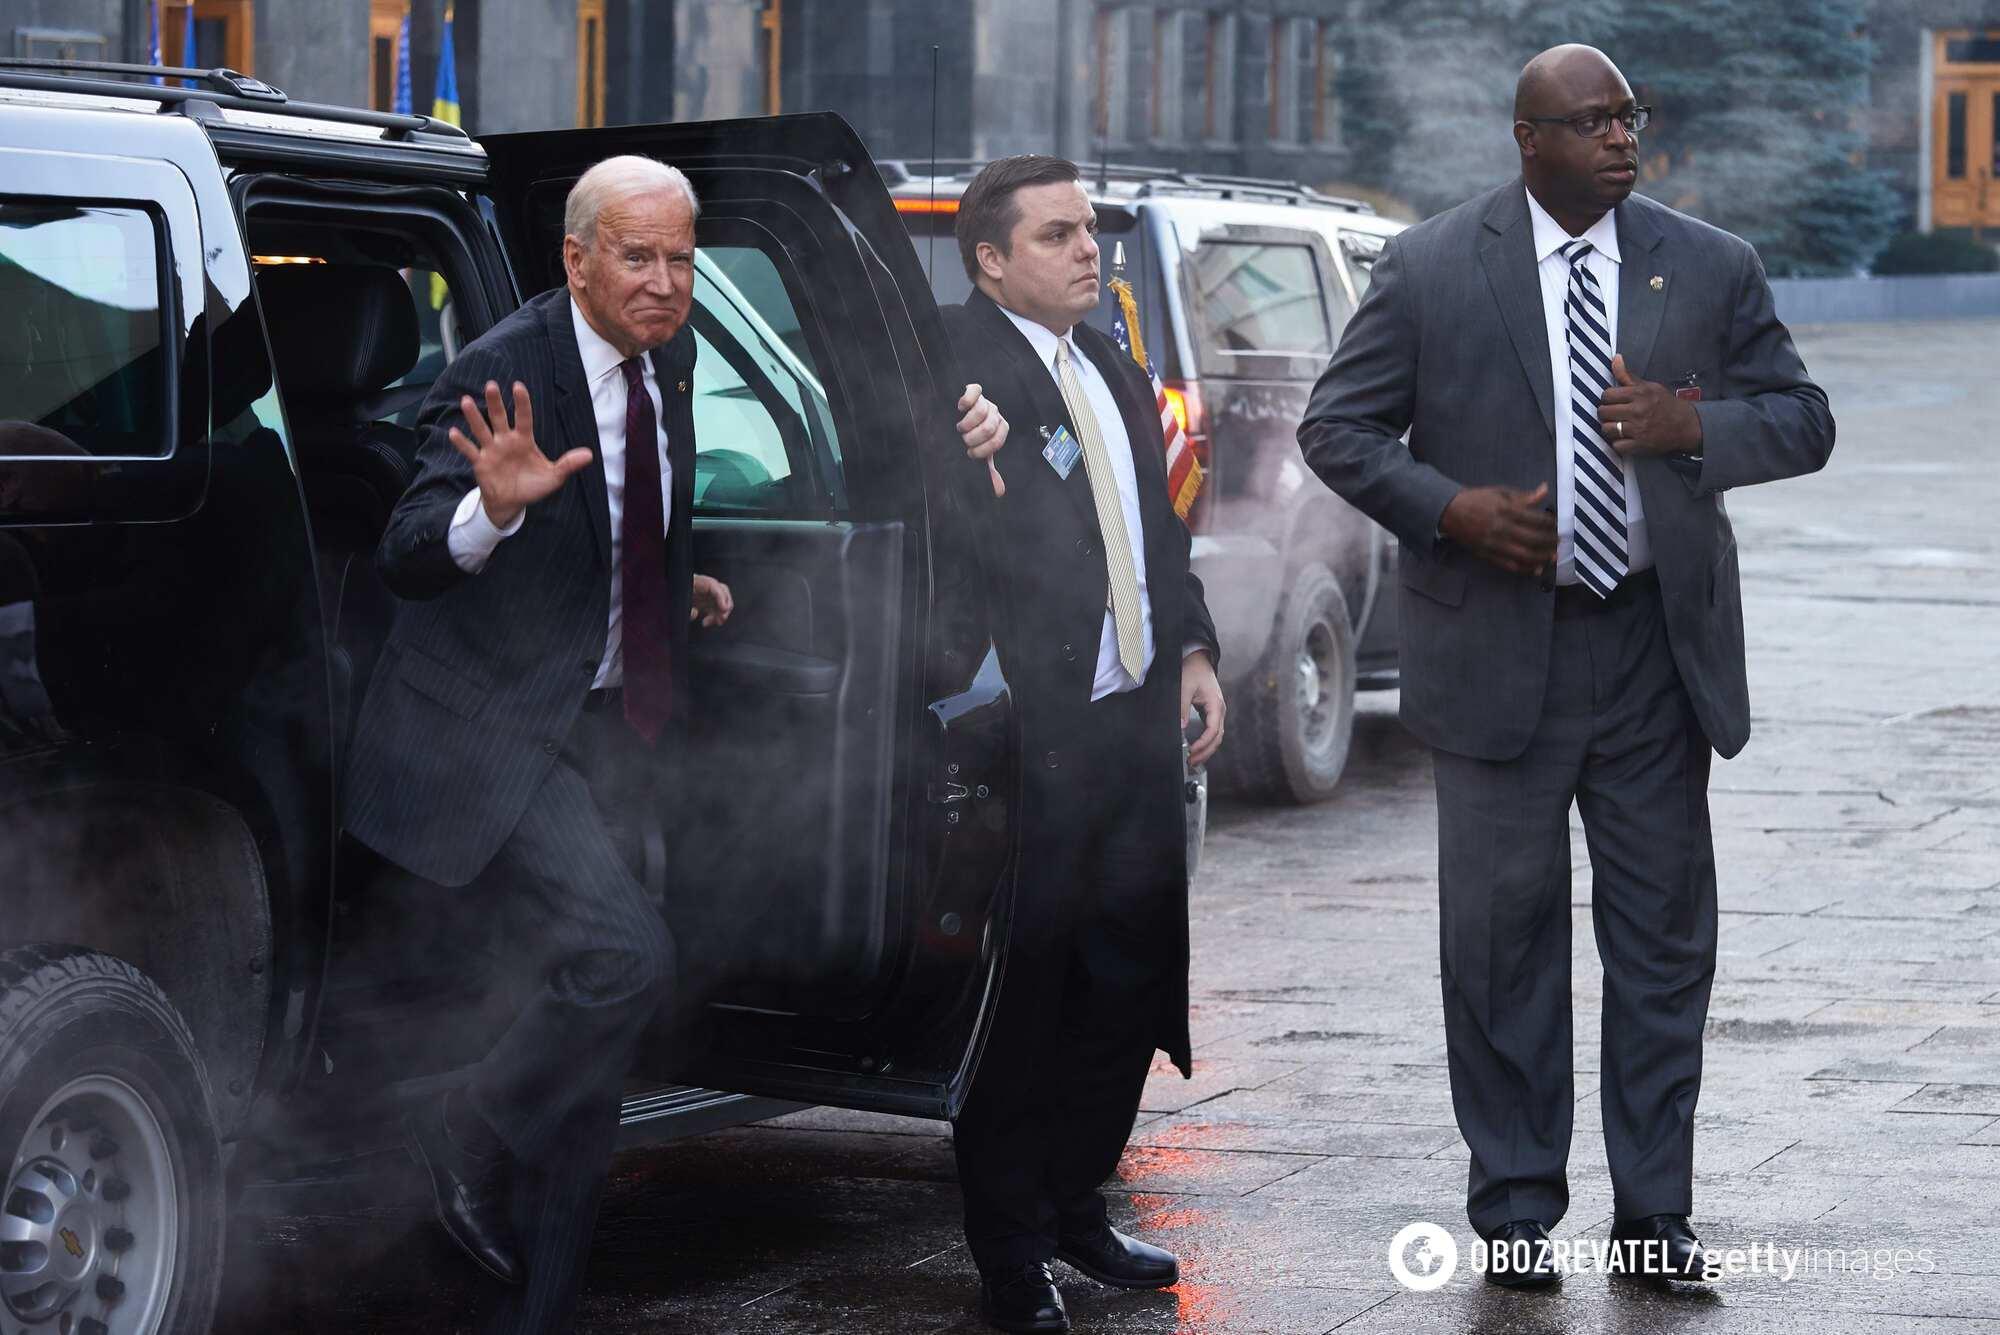 Віцепрезидент США Джо Байден під час візиту до Києва, 16 січня 2017 року